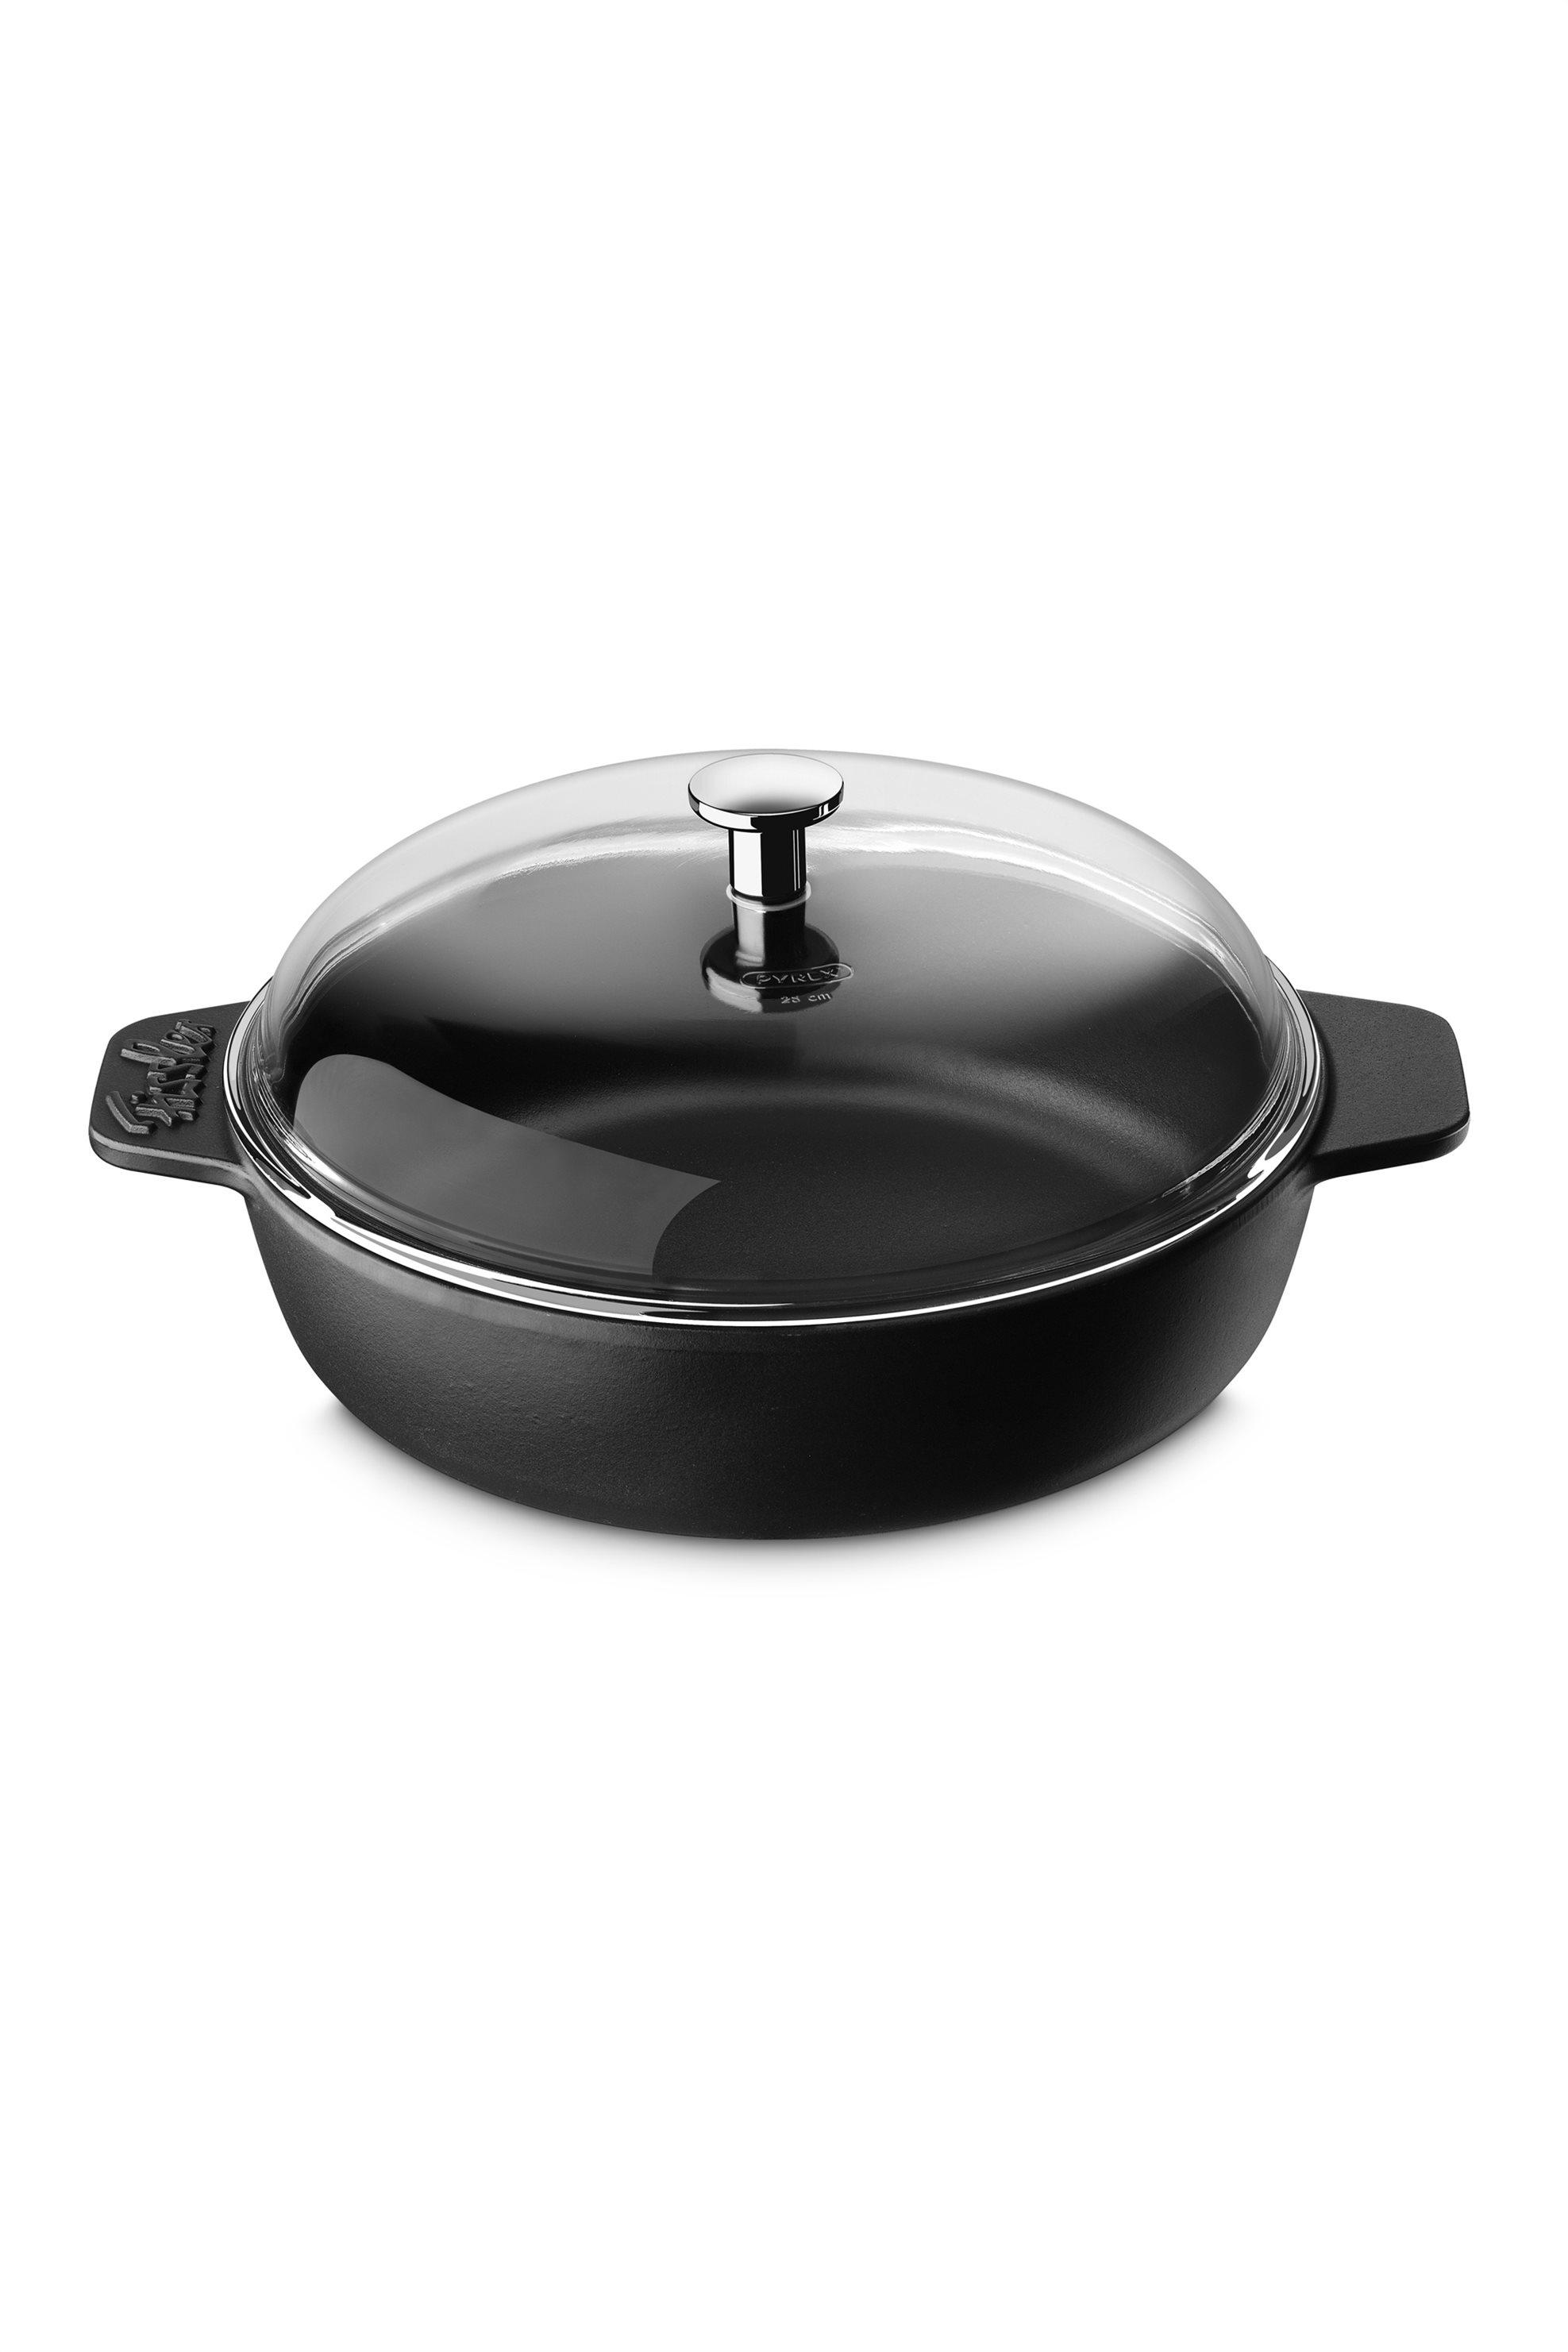 Πλακερό Μαντέμι Arcana 28cm Fissler - 06934028 home   κουζινα   μαγειρικά σκεύη